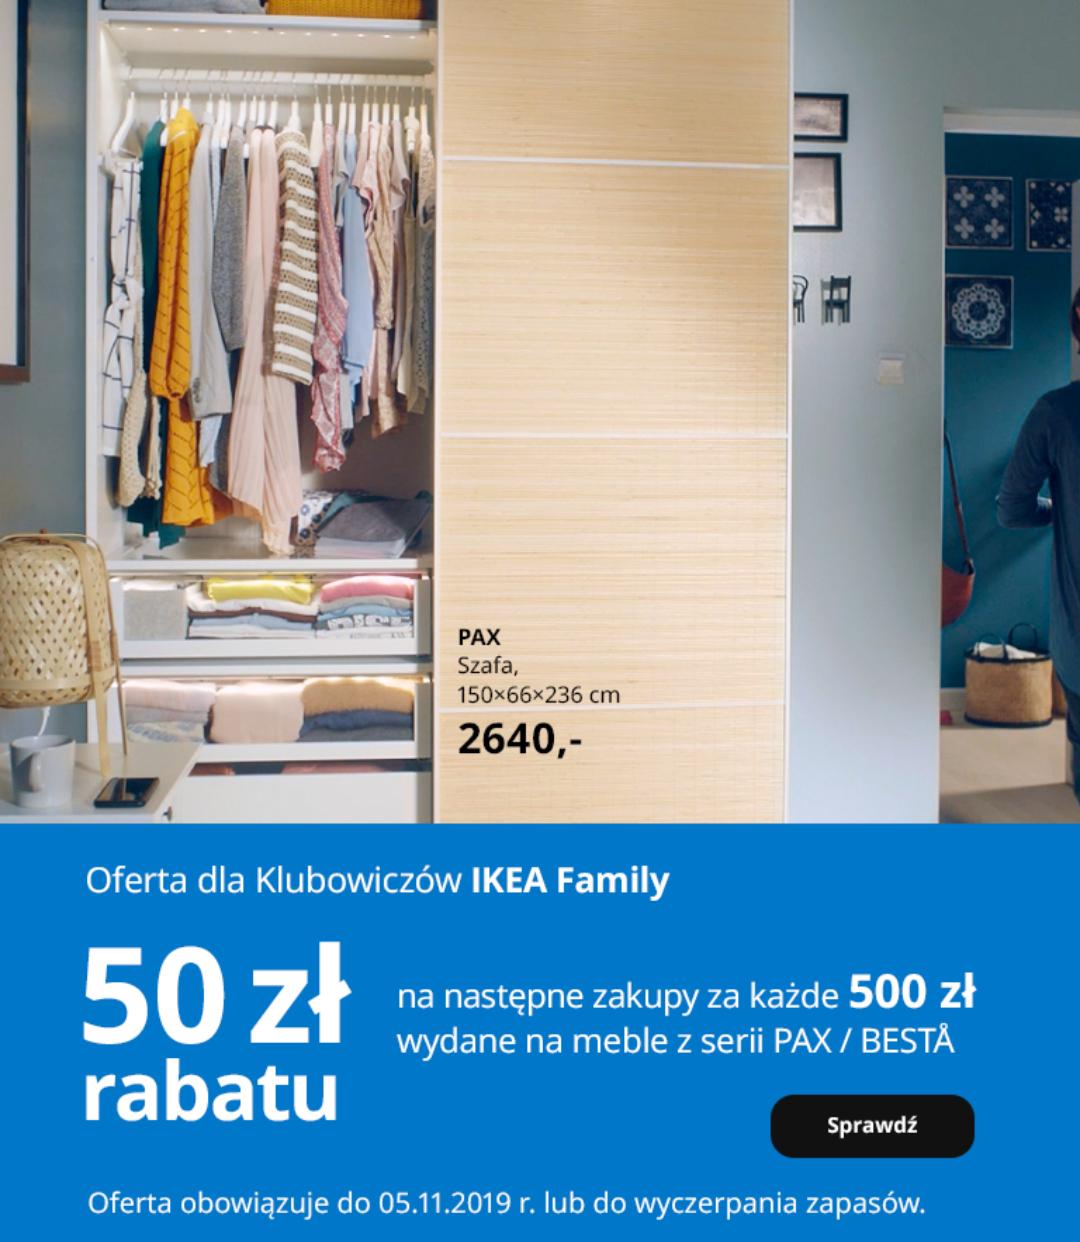 IKEA - 50zł rabatu za każde wydane 500zł na meble z serii PAX/BESTA